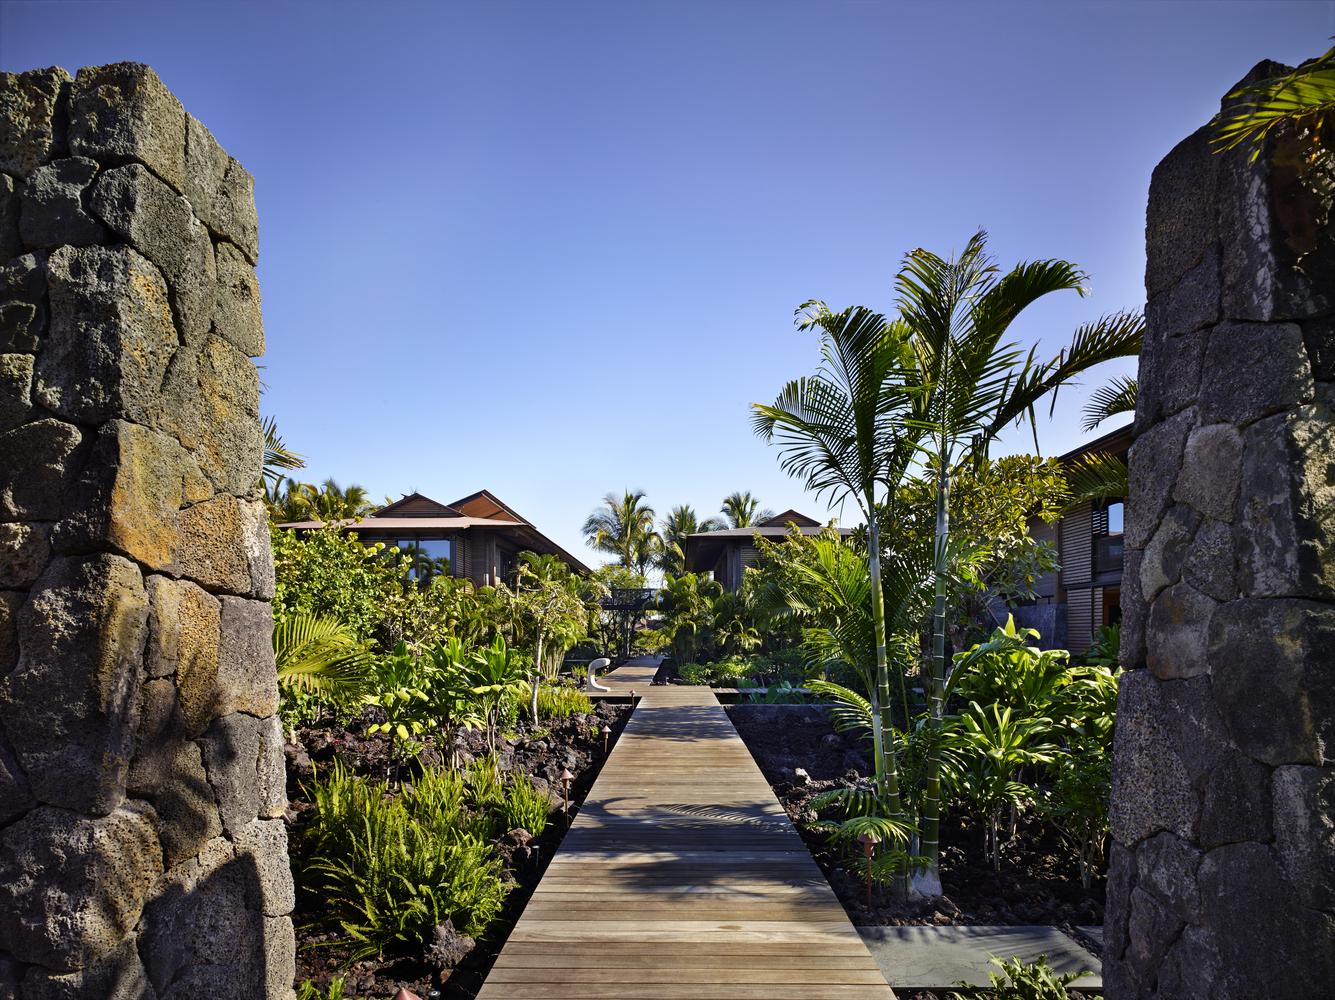 La casa si trova in Polinesia  / Benjamin Benschneider